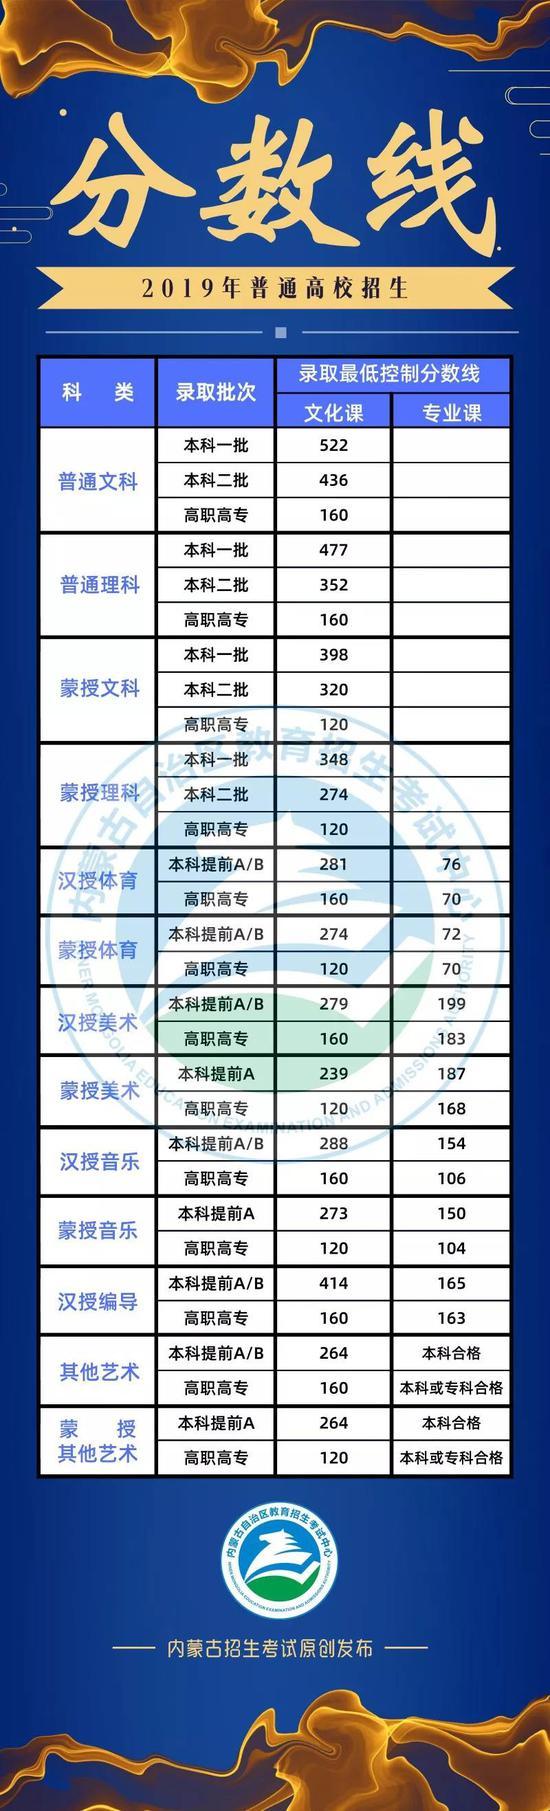 内蒙古2019年高考录取分数线已公布